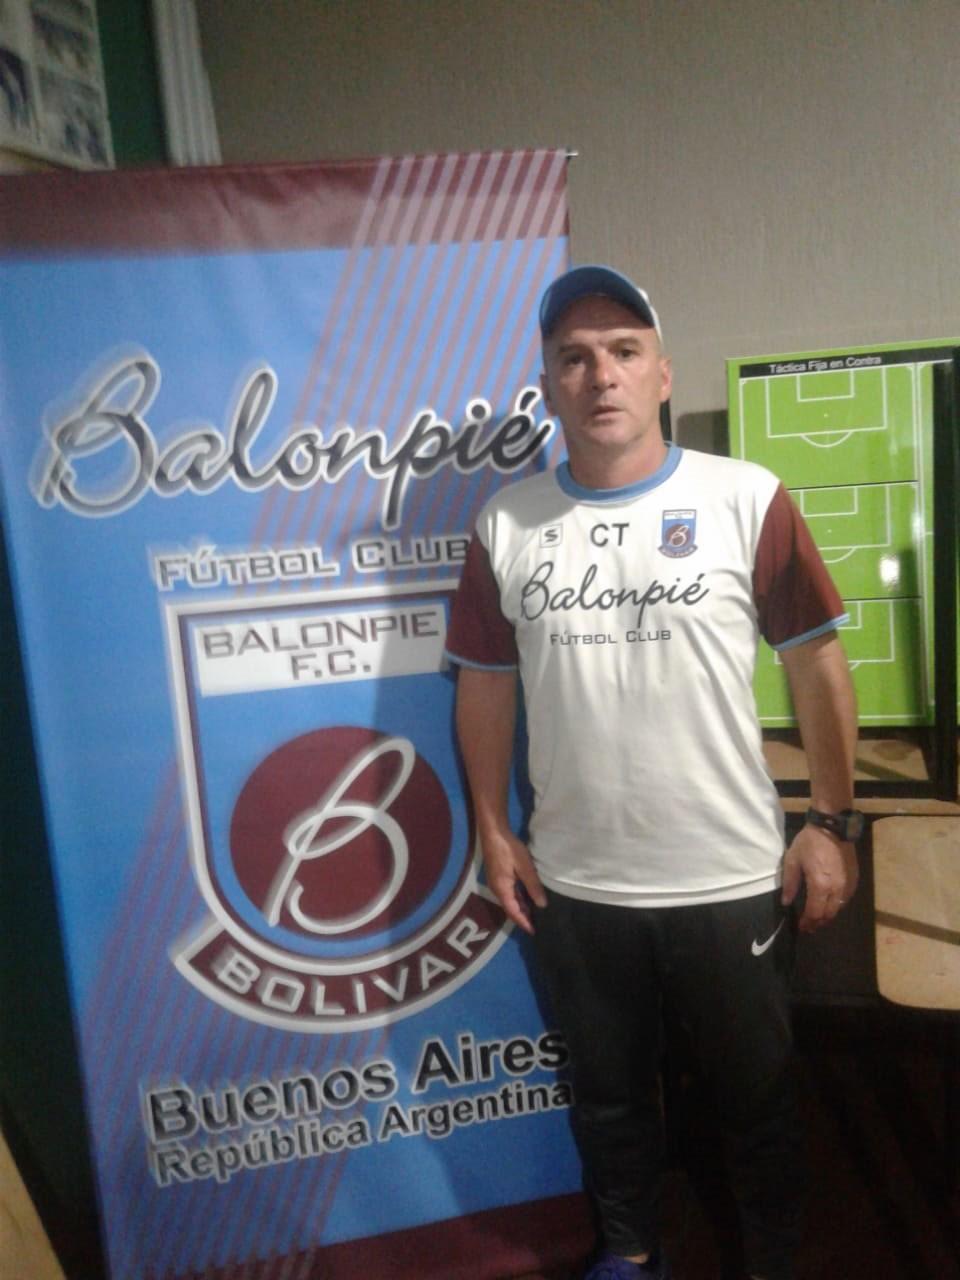 Fútbol: Guillermo Panaro hablo del triunfo de Balompié en la LPF